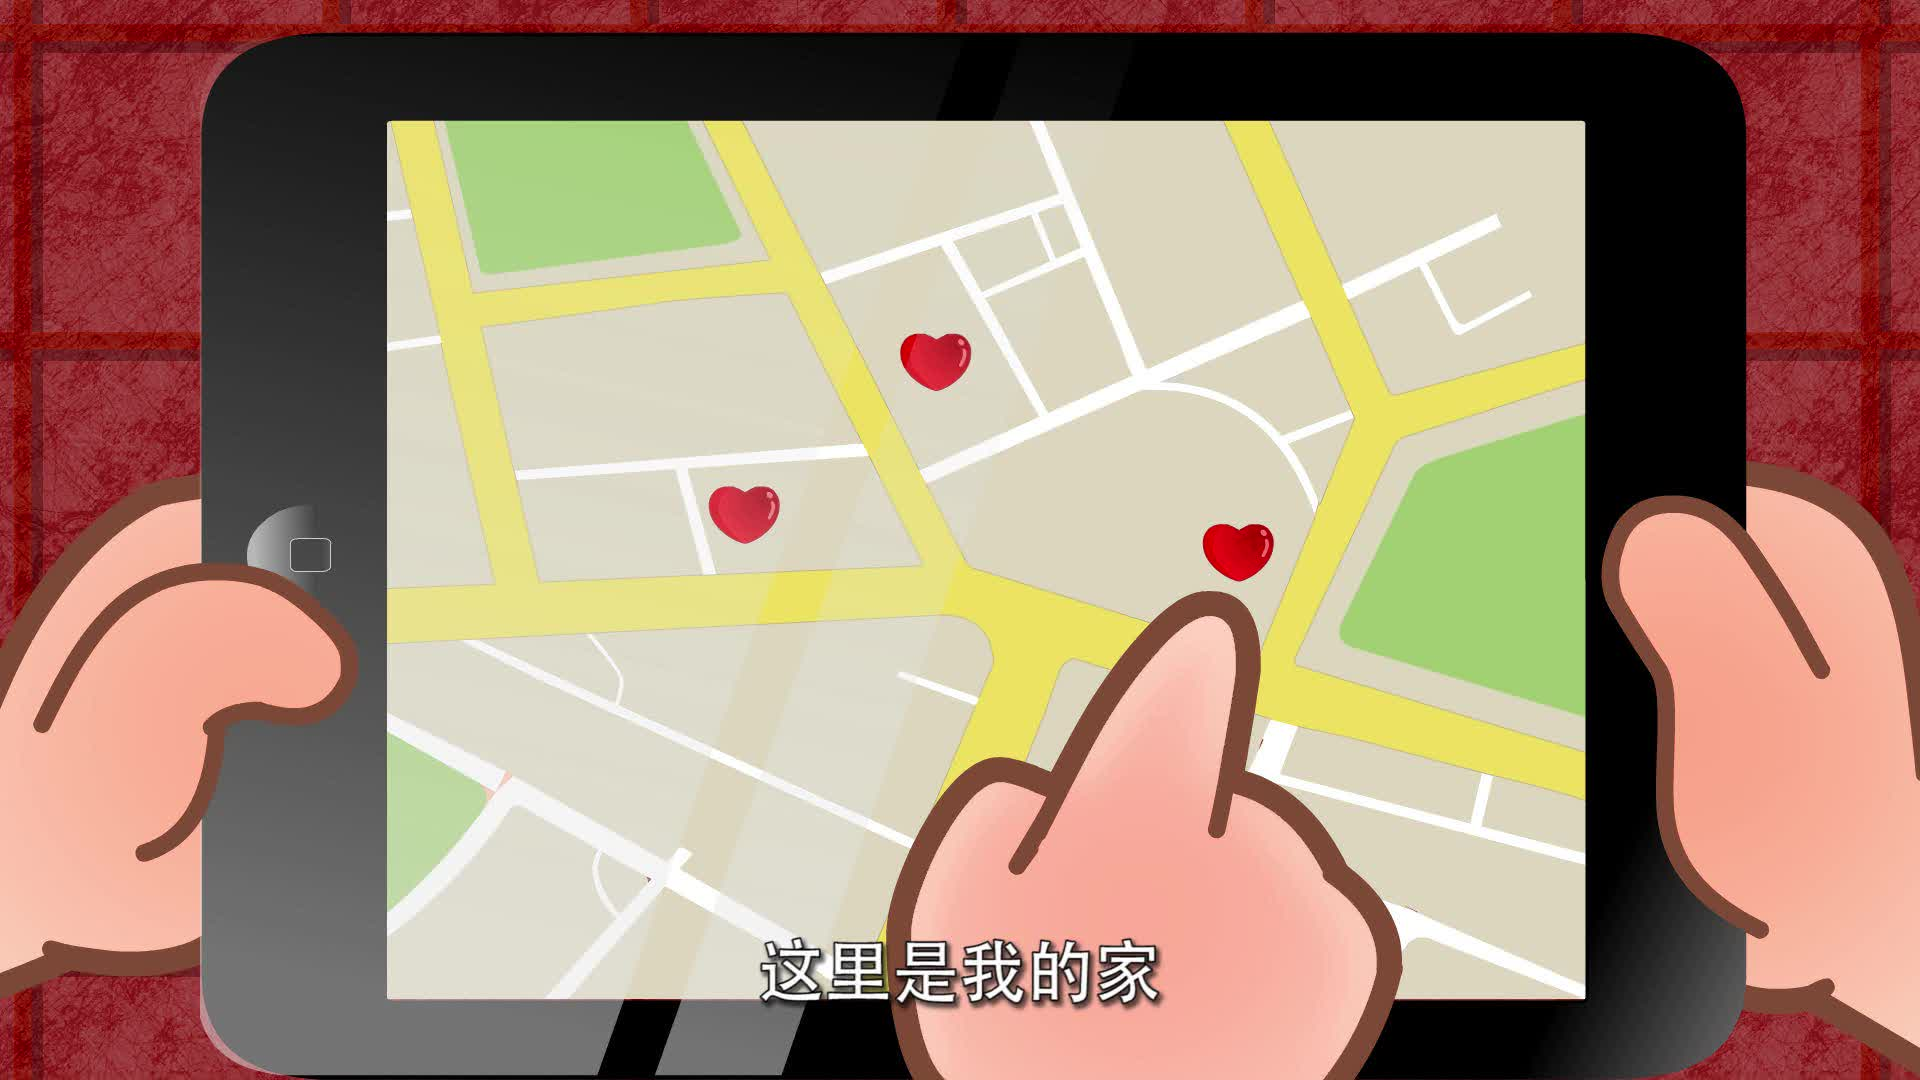 第28集《心连心 情连情 爱我中华大家庭》